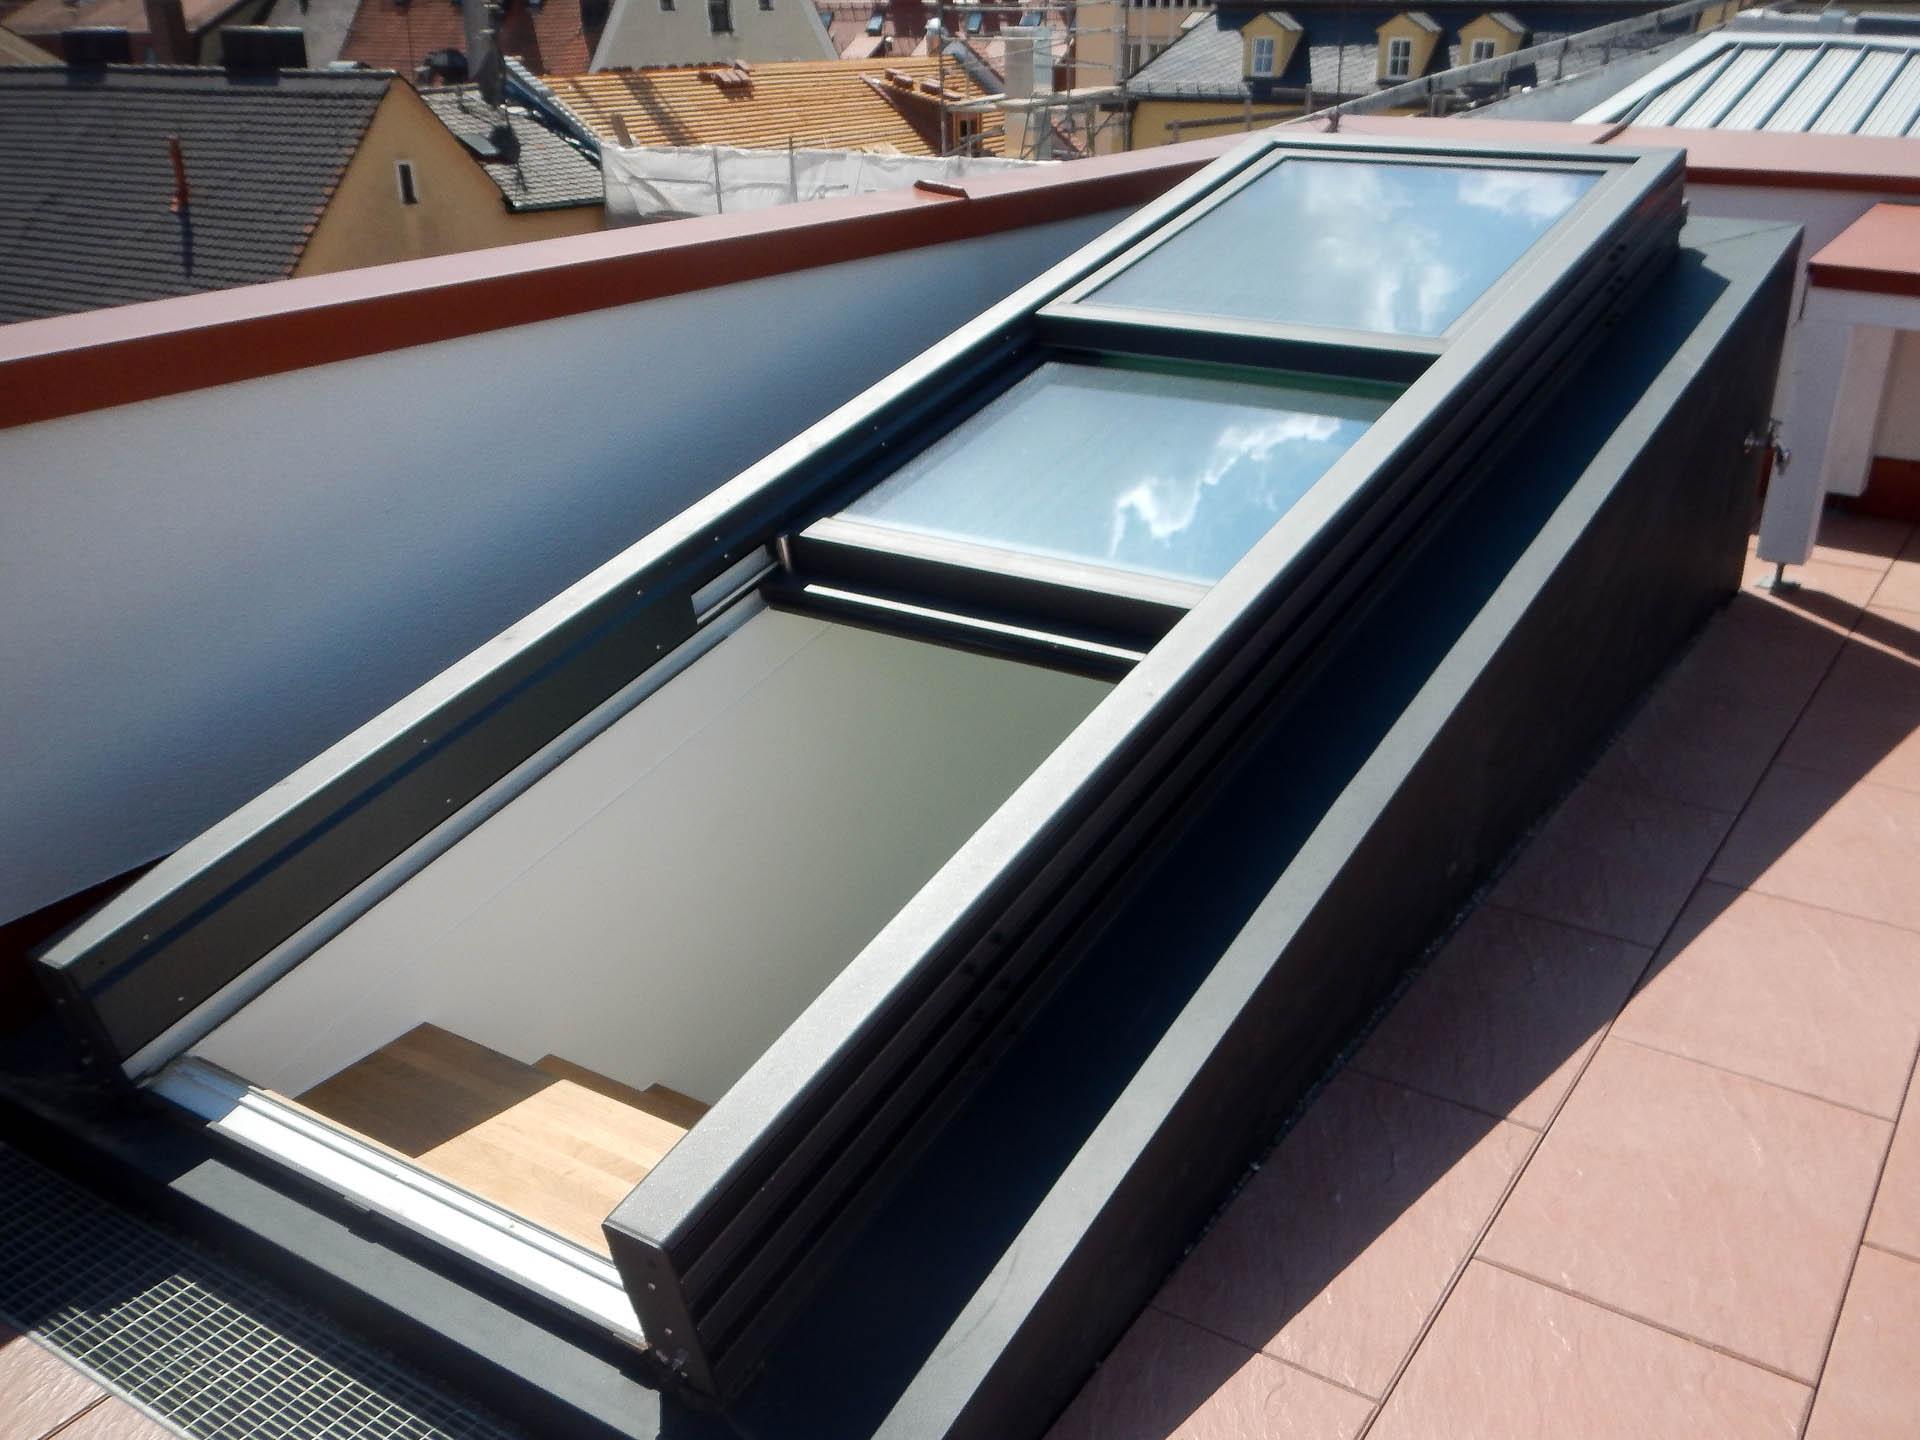 OpenAir Dachschiebefenster in Regensburg (Objekt 1162). 3-teiliges OpenAir Dachschiebefenster